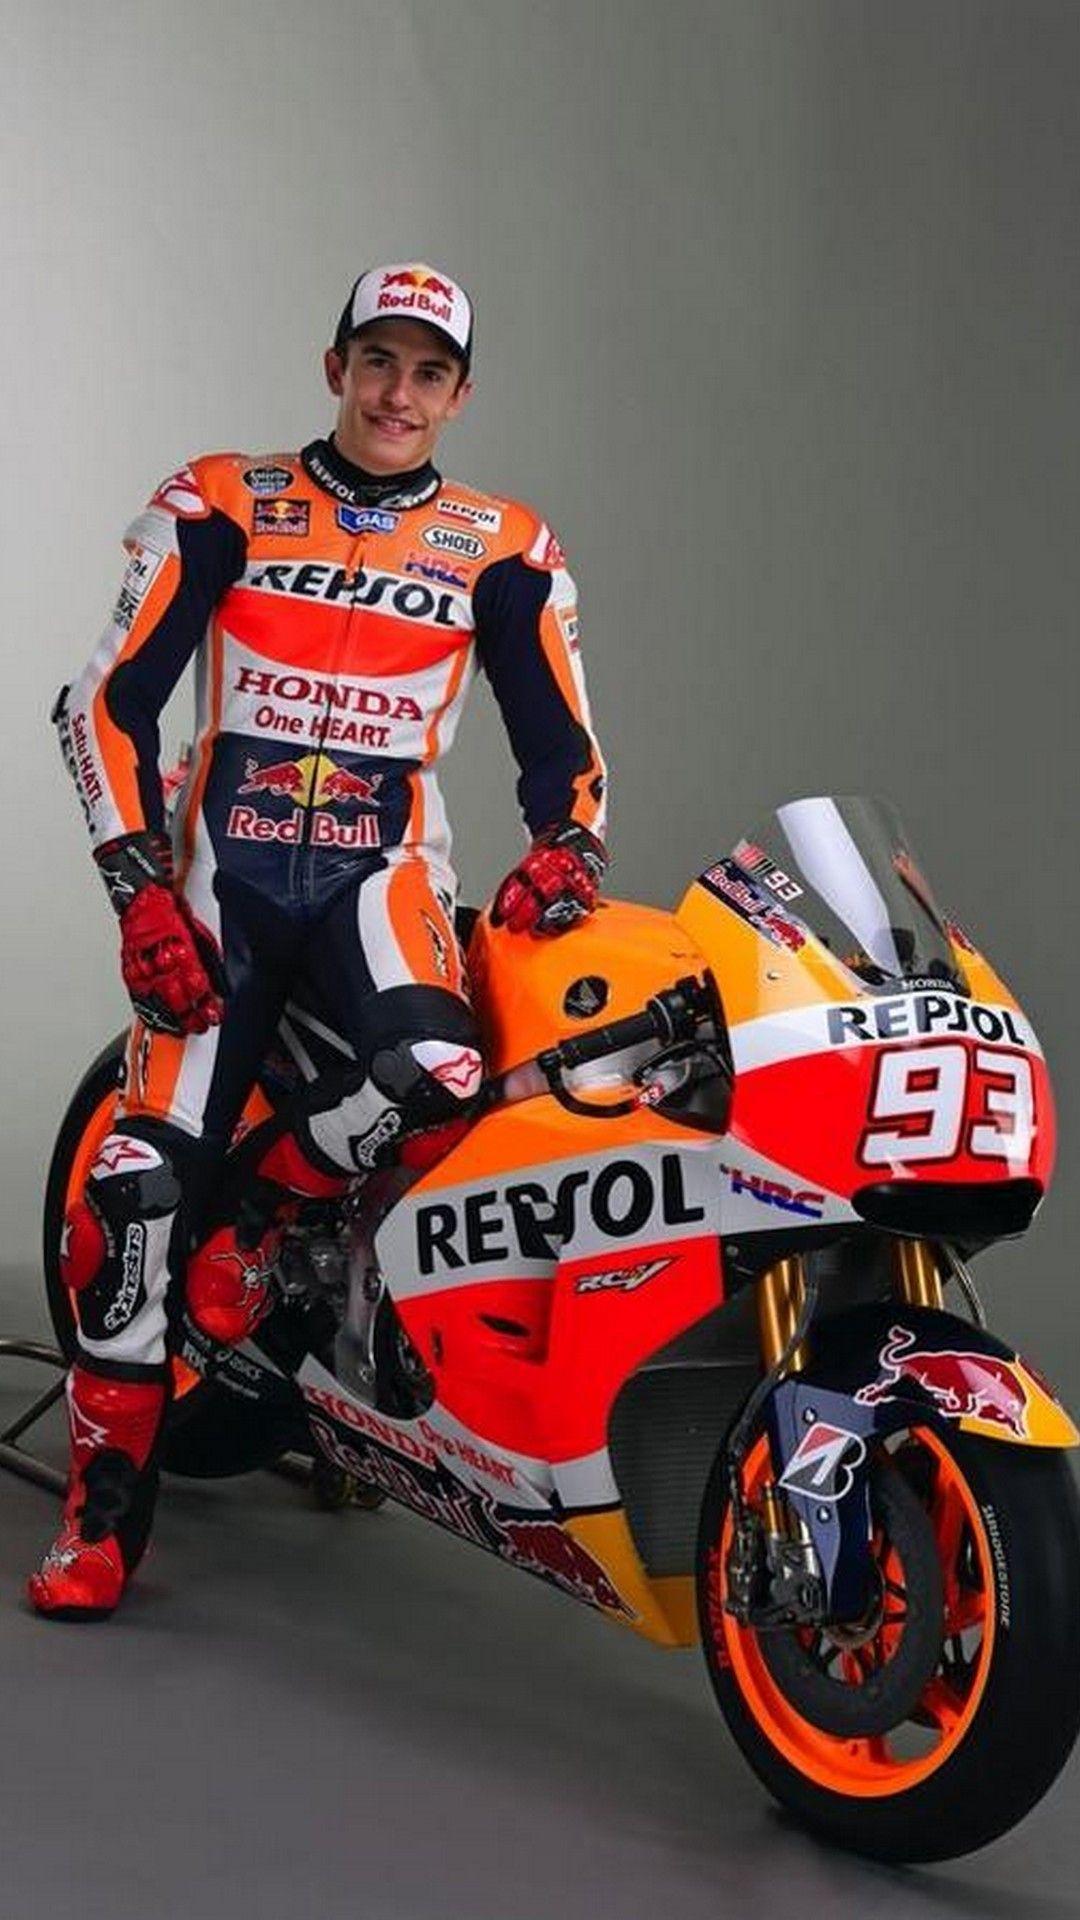 Helmet Michael Schumacher Wallpaper Iphone Marc Marquez Marquez Motogp